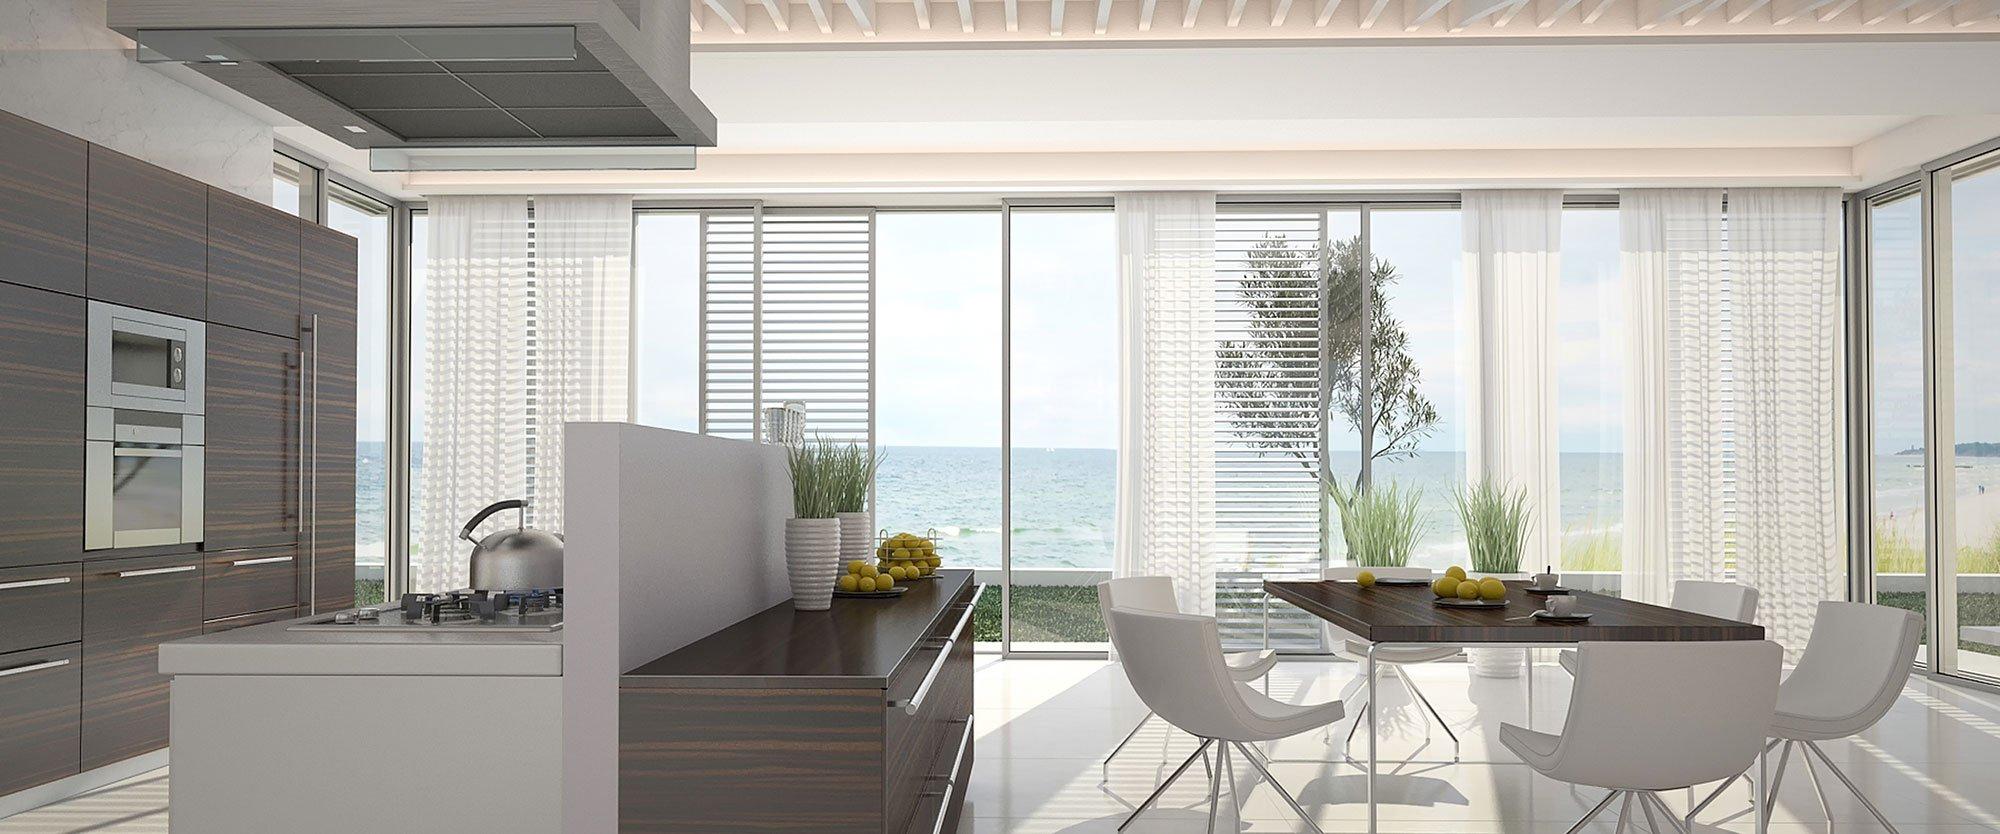 Modern kitchen window treatments - Finest Kitchen Window Treatment Ideas For Your Home With Modern Kitchen Window Treatments